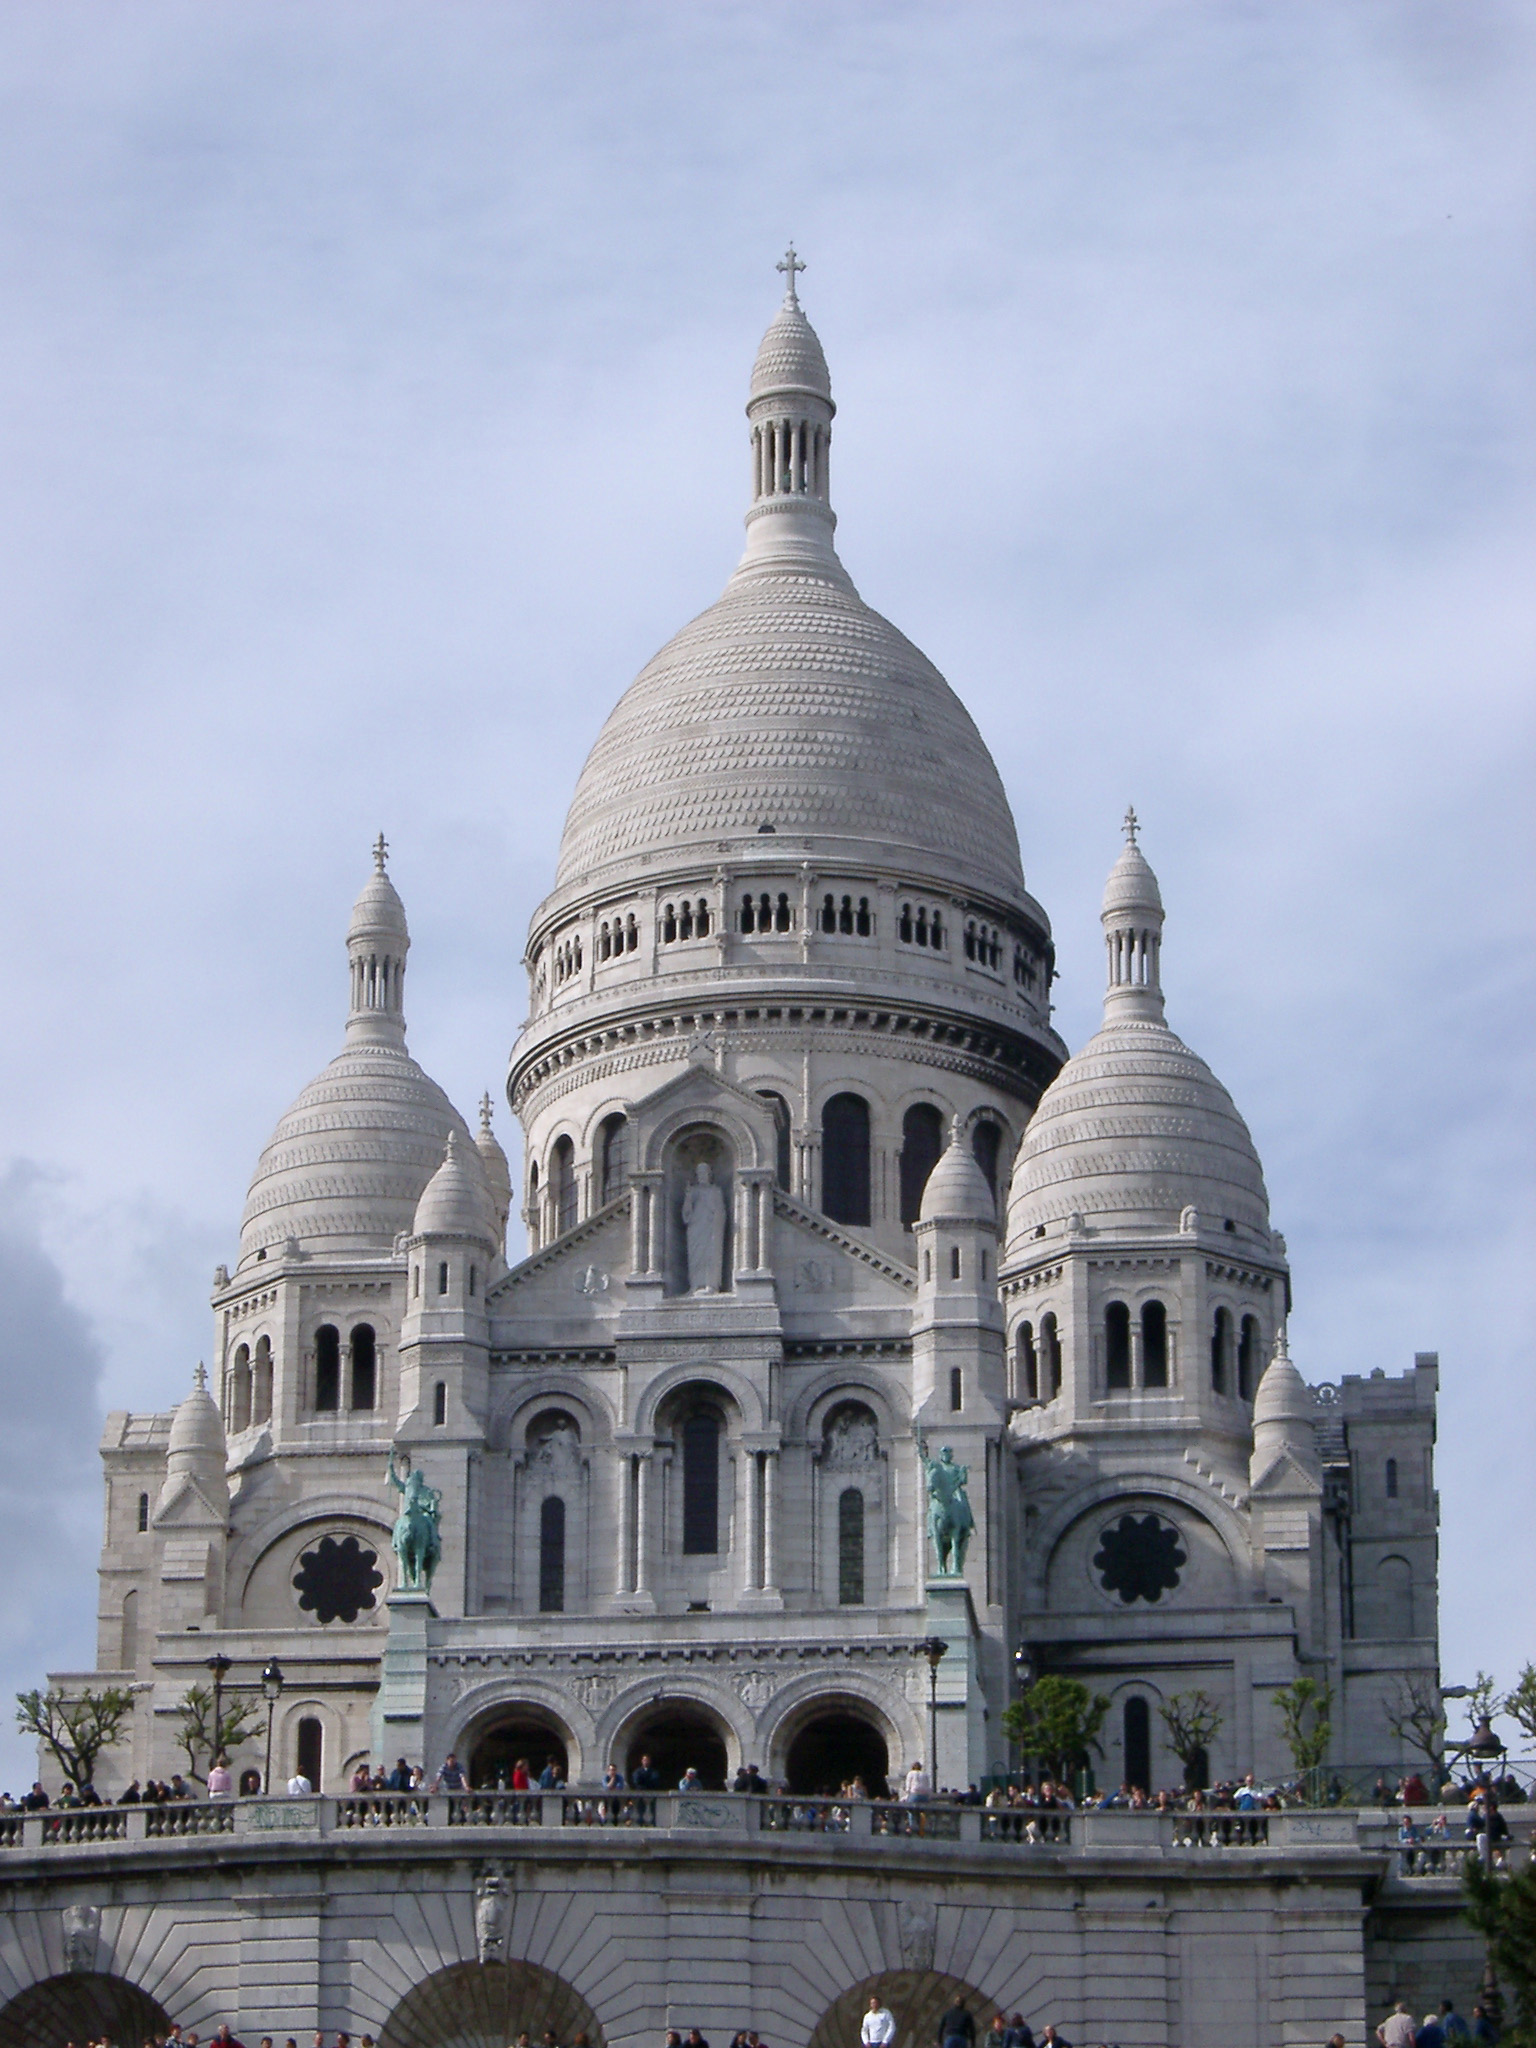 http://www.photoeverywhere.co.uk/west/paris/sacre_coeur2970.JPG